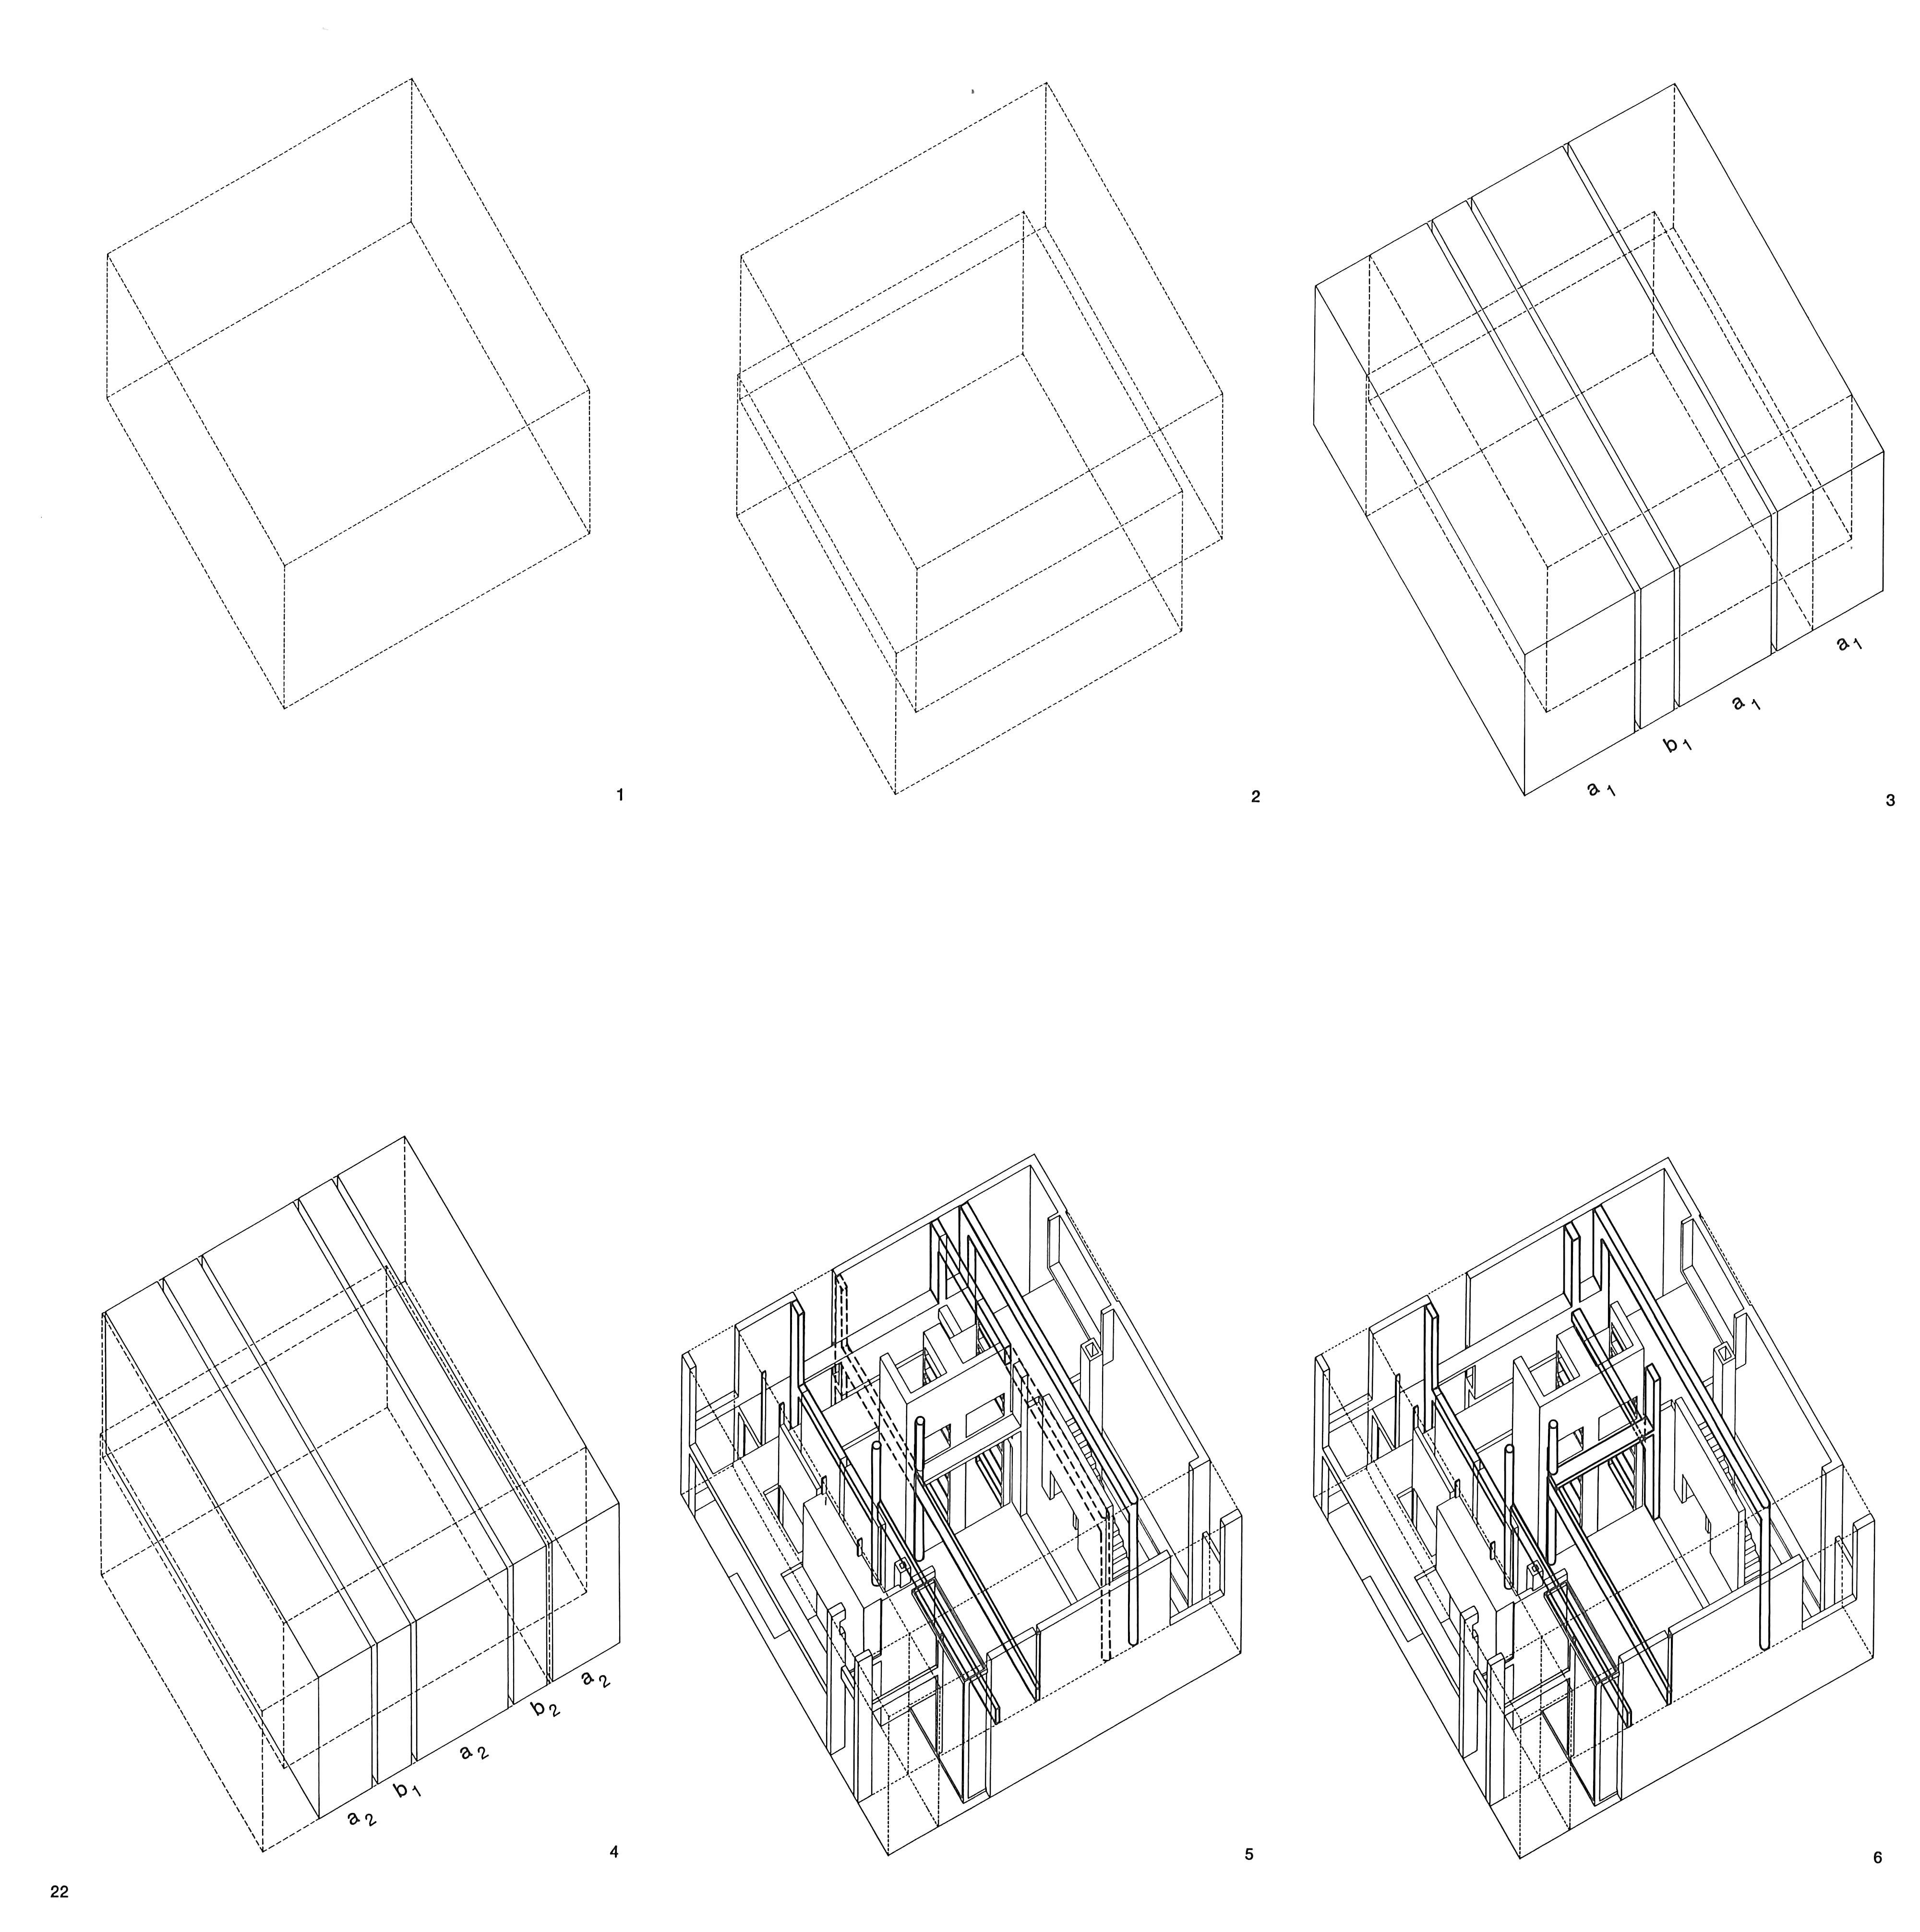 Peter Eisenman House 6 Diagrams